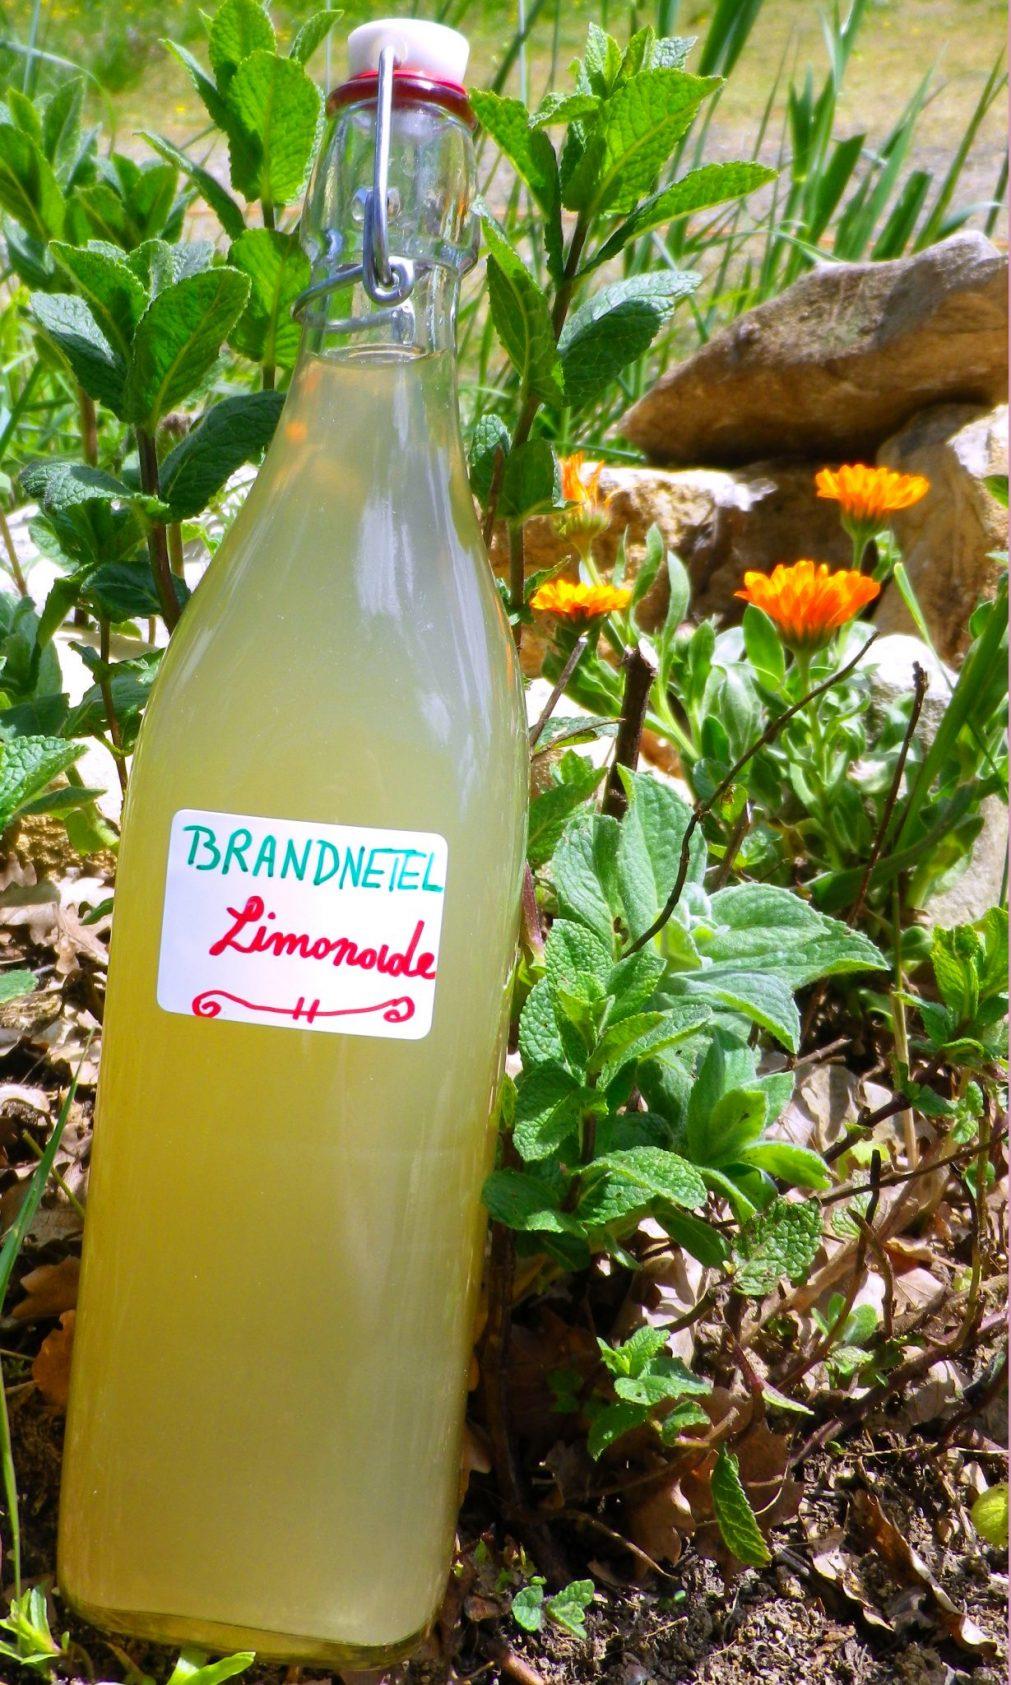 <!--:nl-->brandnetel limonade<!--:--><!--:fr-->brandnetel limonade<!--:-->